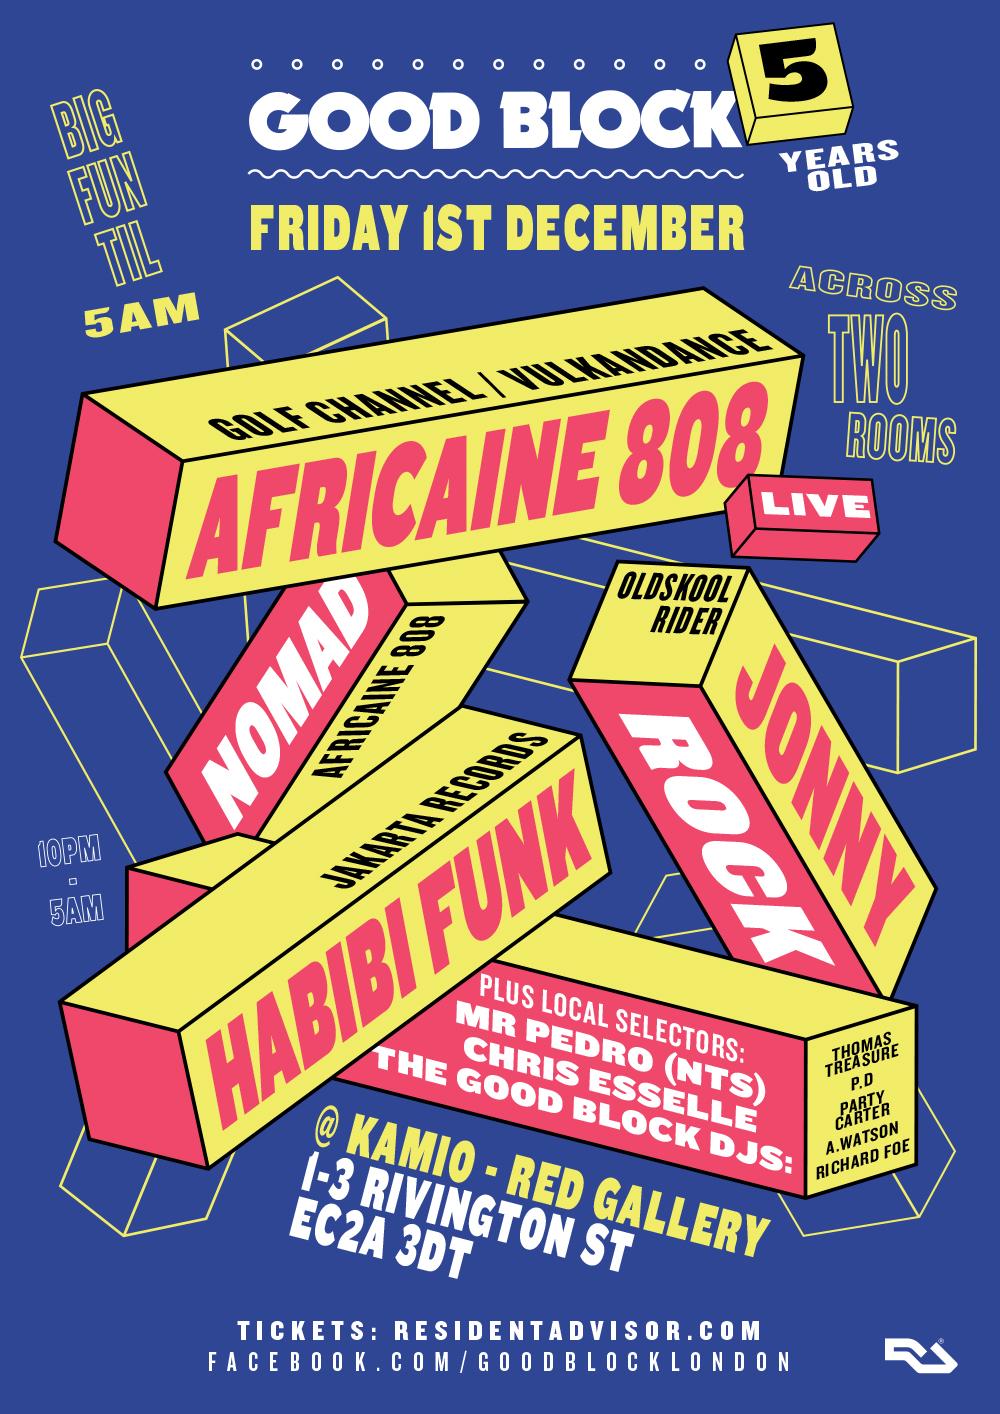 Good Block, Jonny Rock, Africaine 808, Habibi Funk